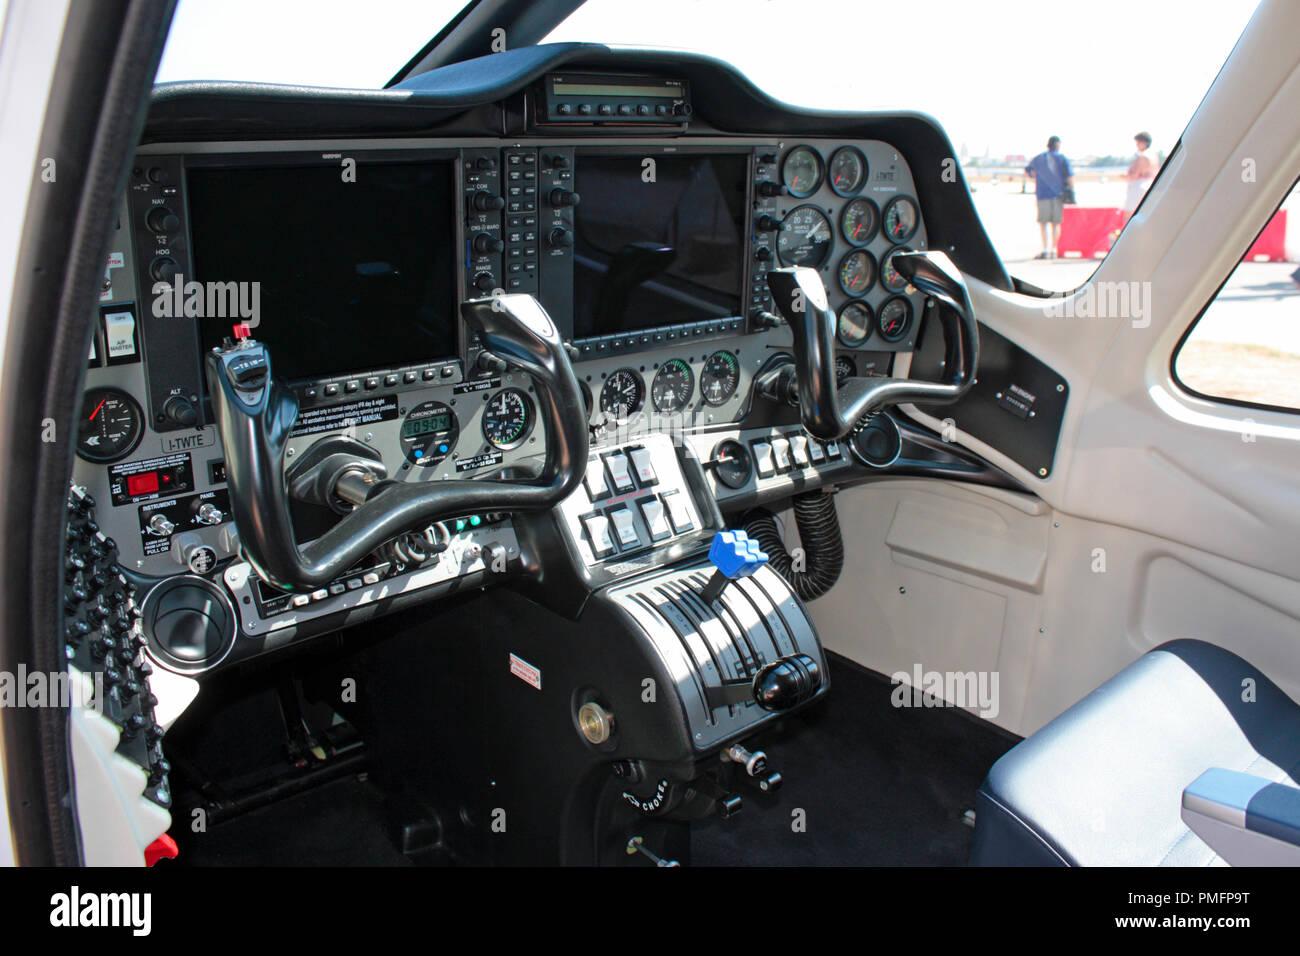 Tecnam P2006T velivoli leggeri a interno della cabina con i moderni schermi di display nel quadro della strumentazione Immagini Stock